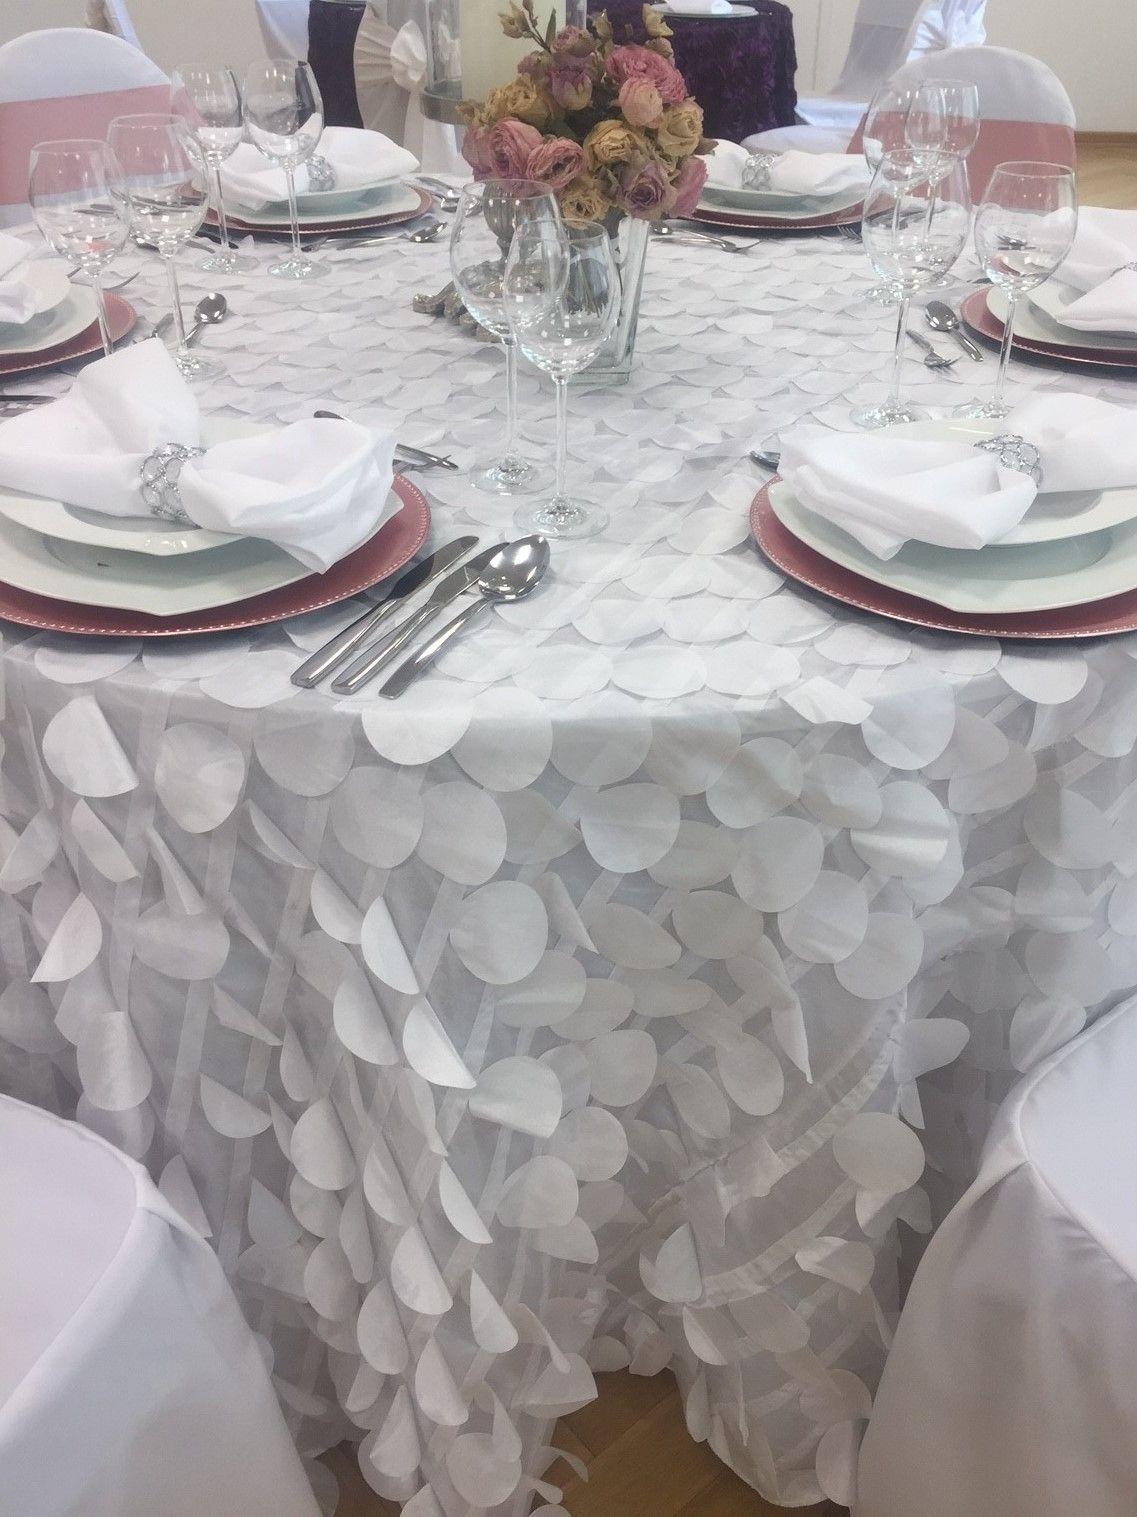 Wir Lieben Extravagantes Du Auch Unsere Weisse Konfetti Tischdecke Ist Perfekt Fur Dich Tischdecke Deko Weihnachten Tisch Tischdecke Nahen